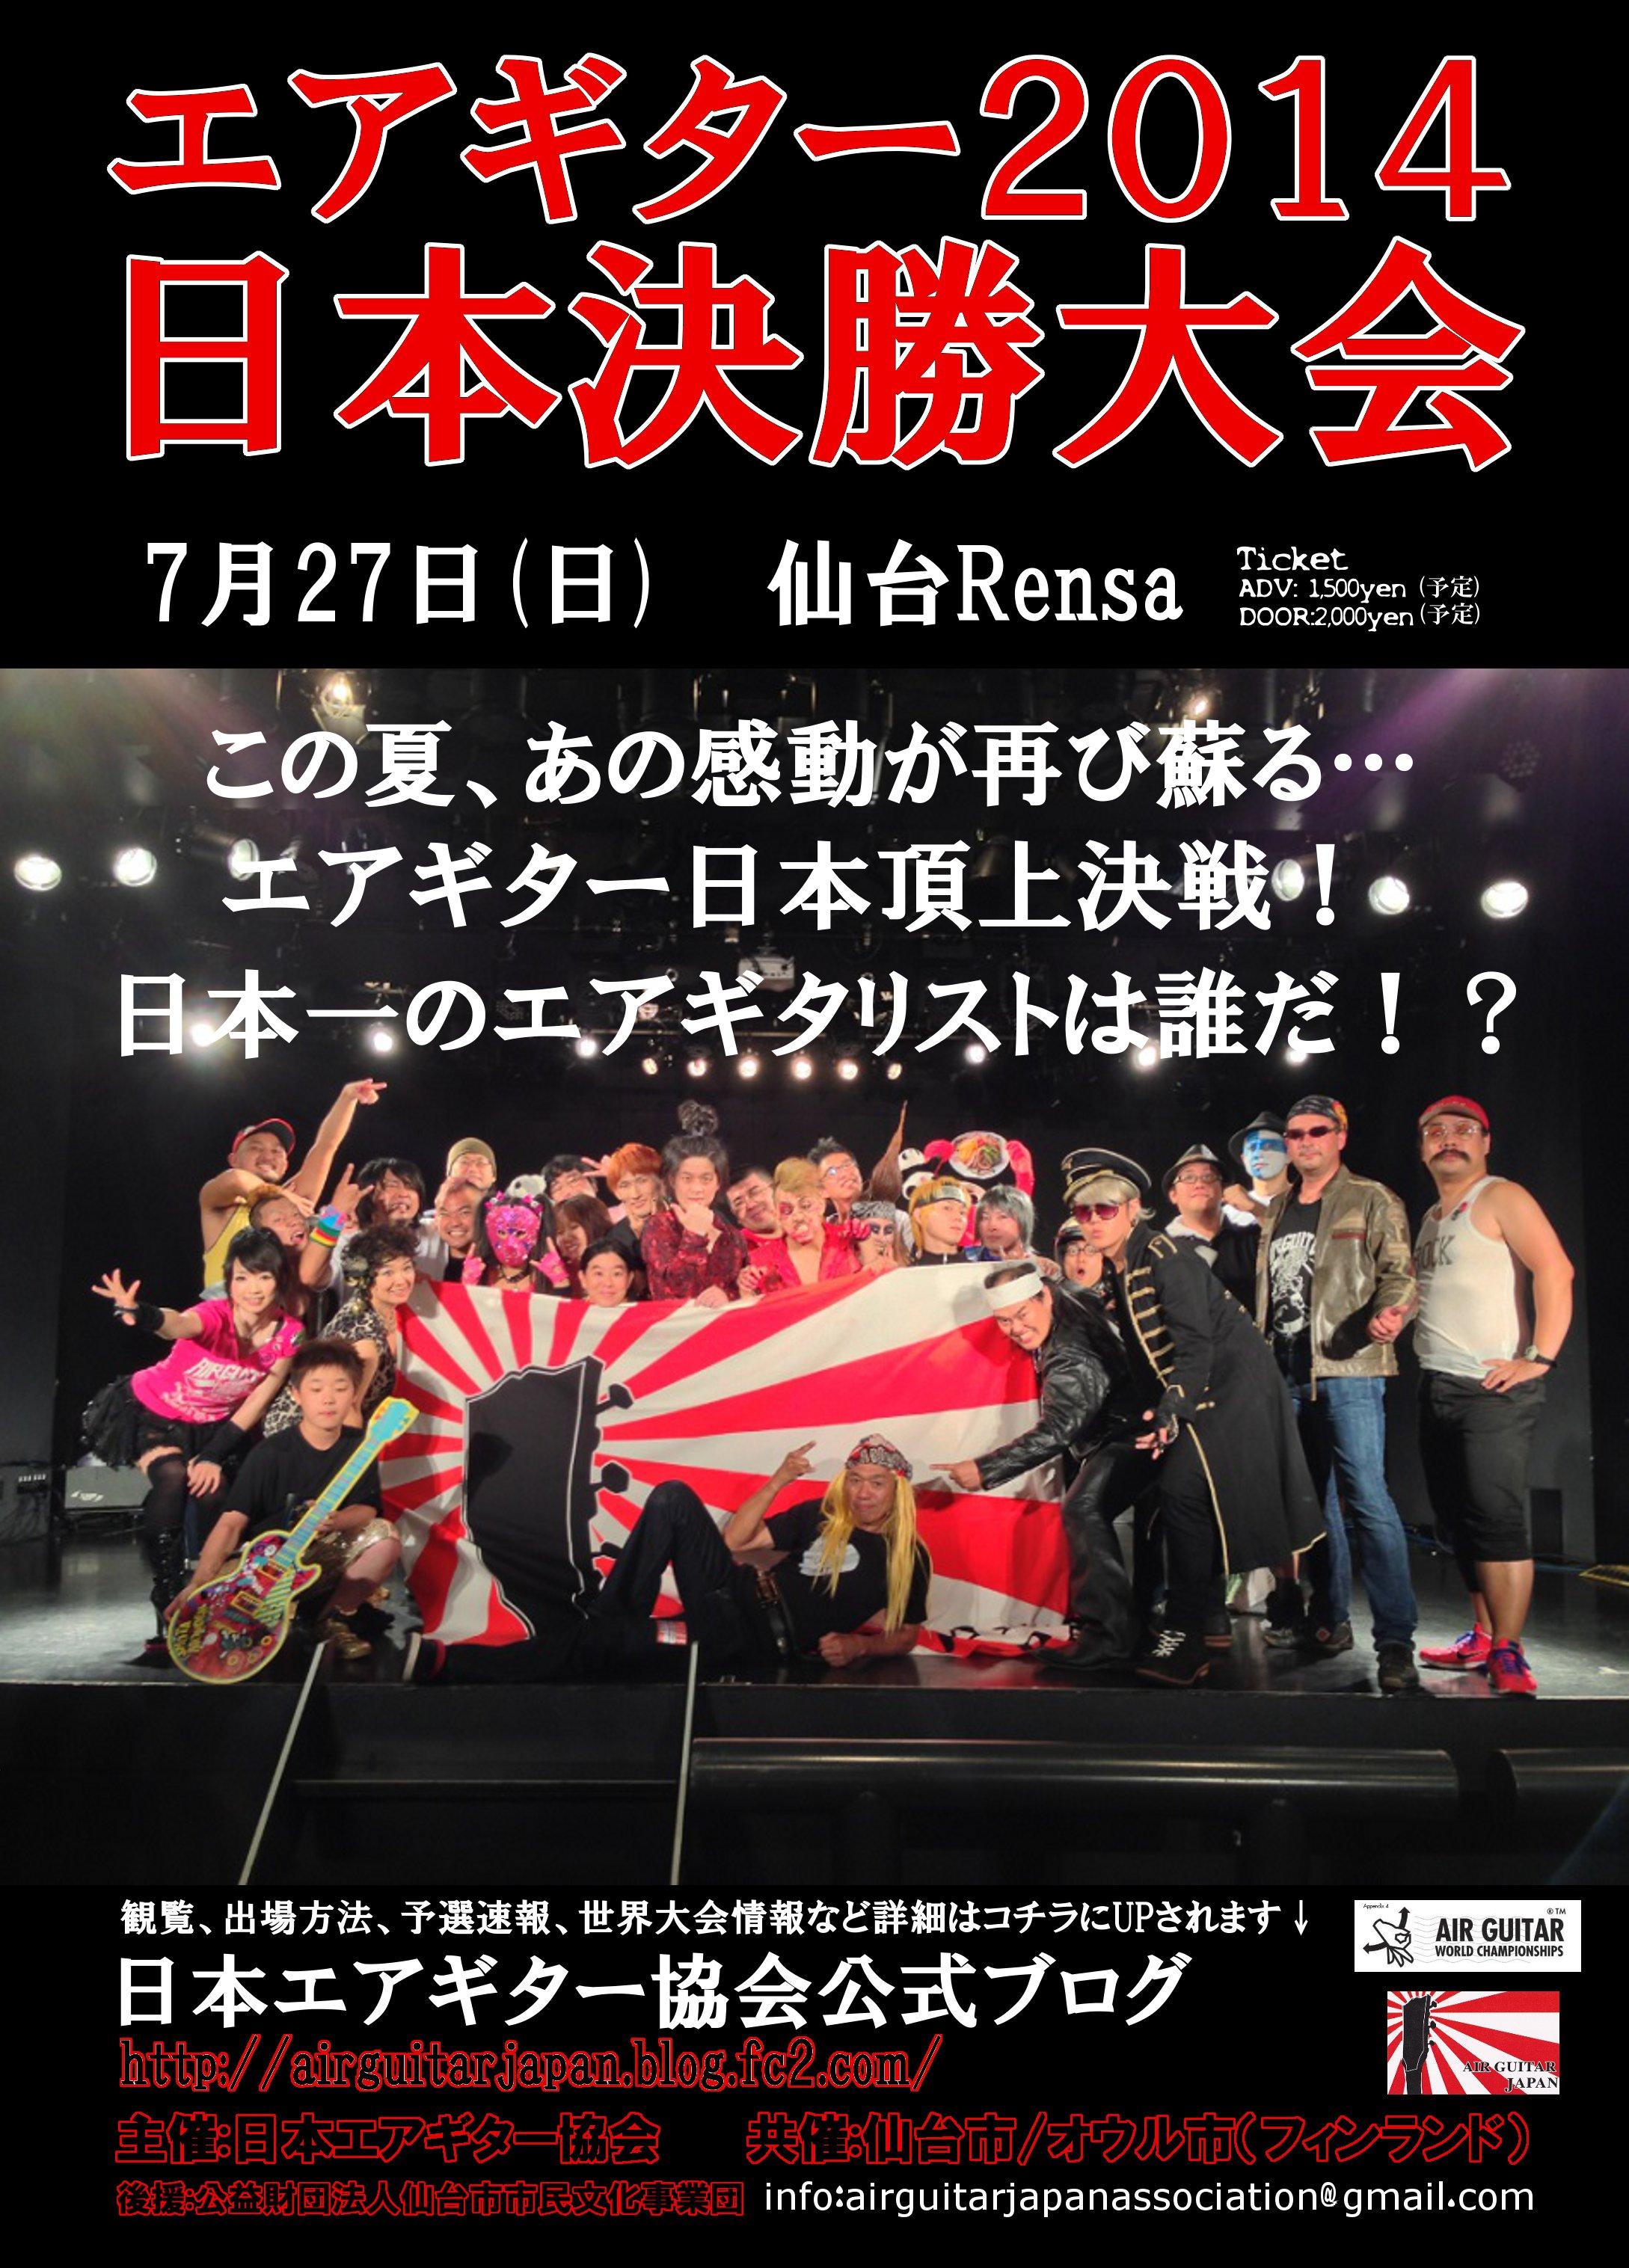 仙台チラシ2014